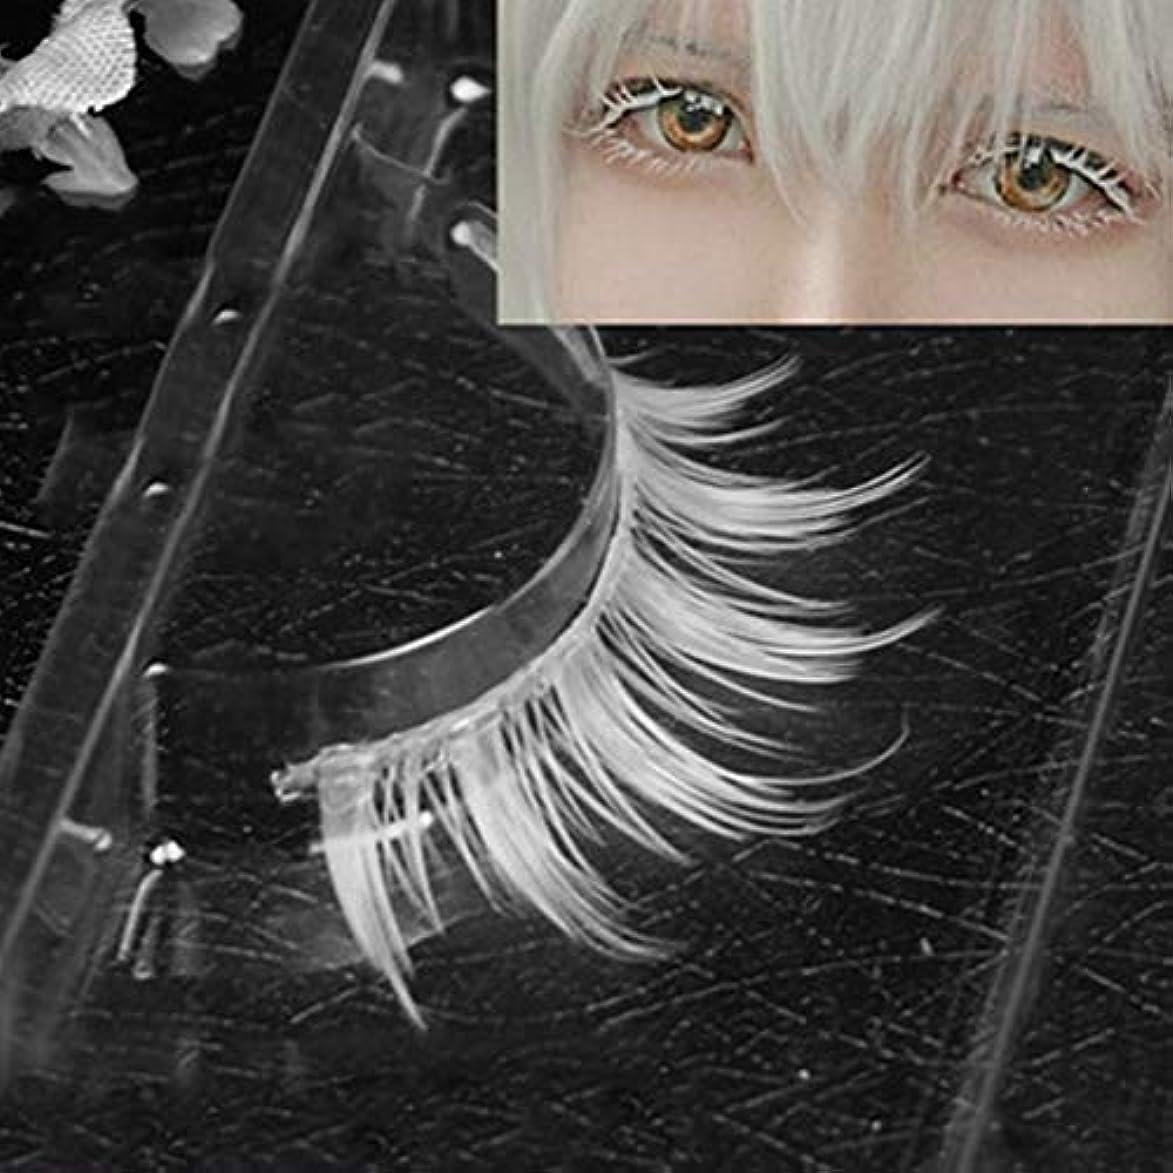 トマト長さ花婿Murakush 偽まつげ 1ペア/セット ホワイト 合成繊維 カーリング 厚い 3D ナチュラル ロング 手作り 女性 レディーズ ファッション コスプレ 仮装 目 メイクアップ 美容院 サロン ツール